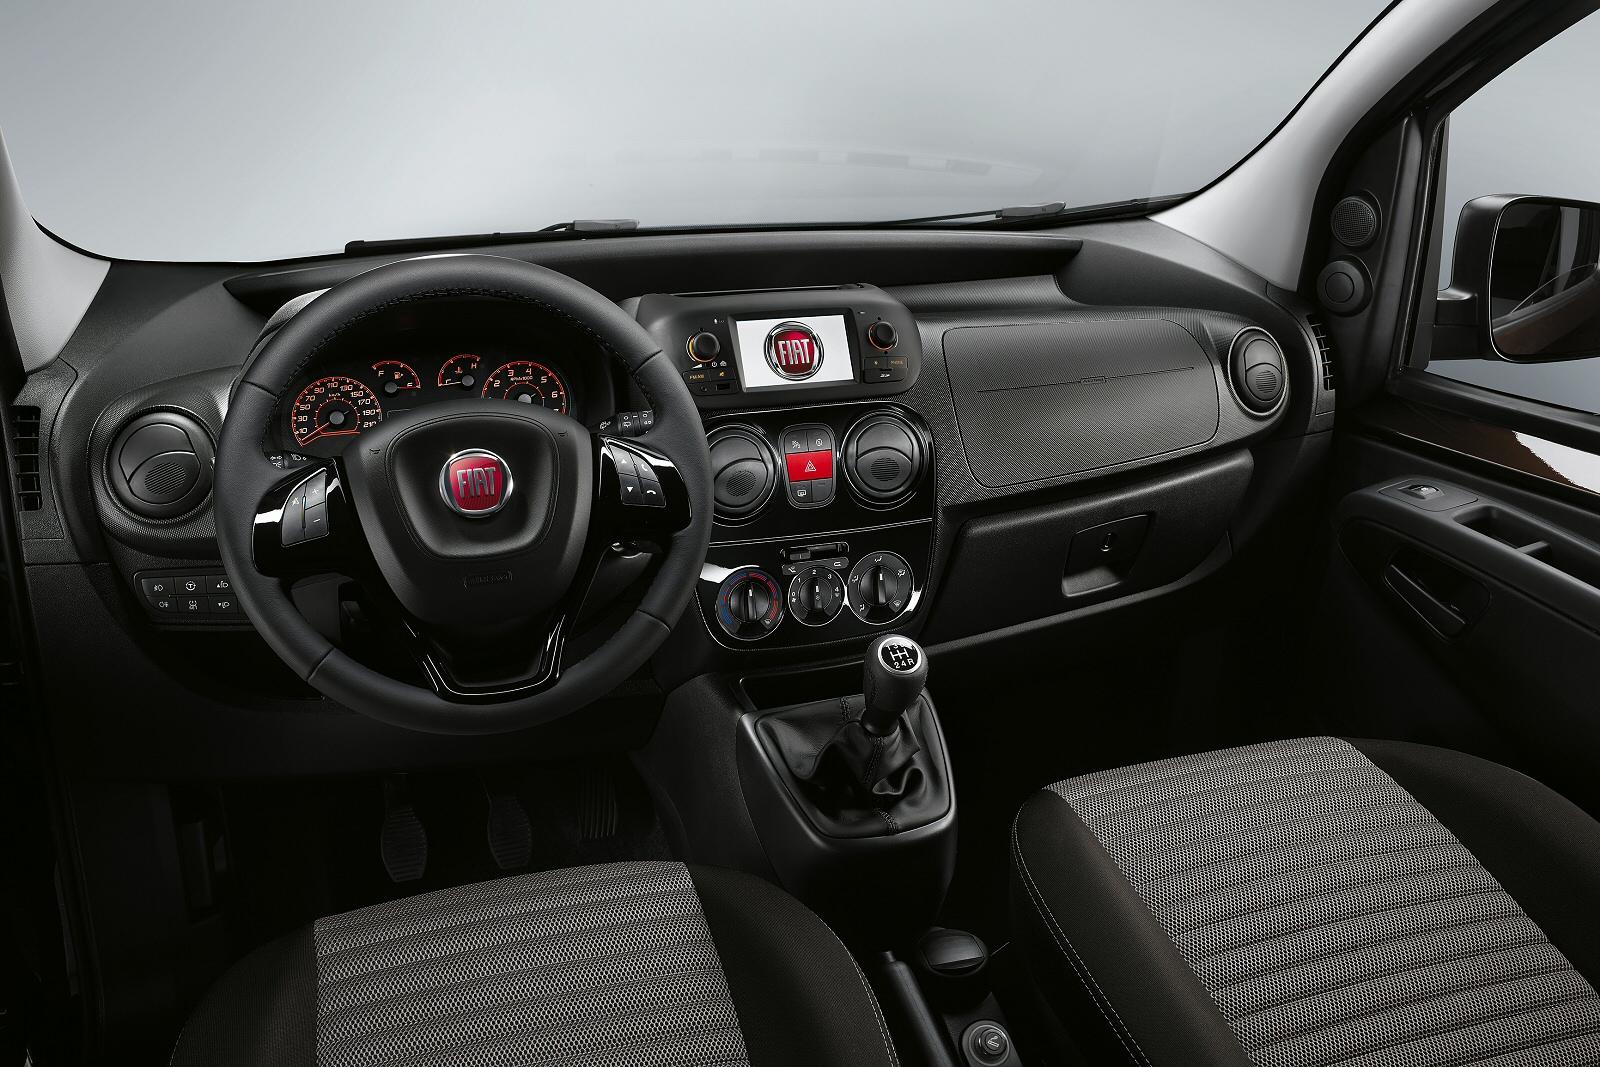 Fiat Qubo Interior